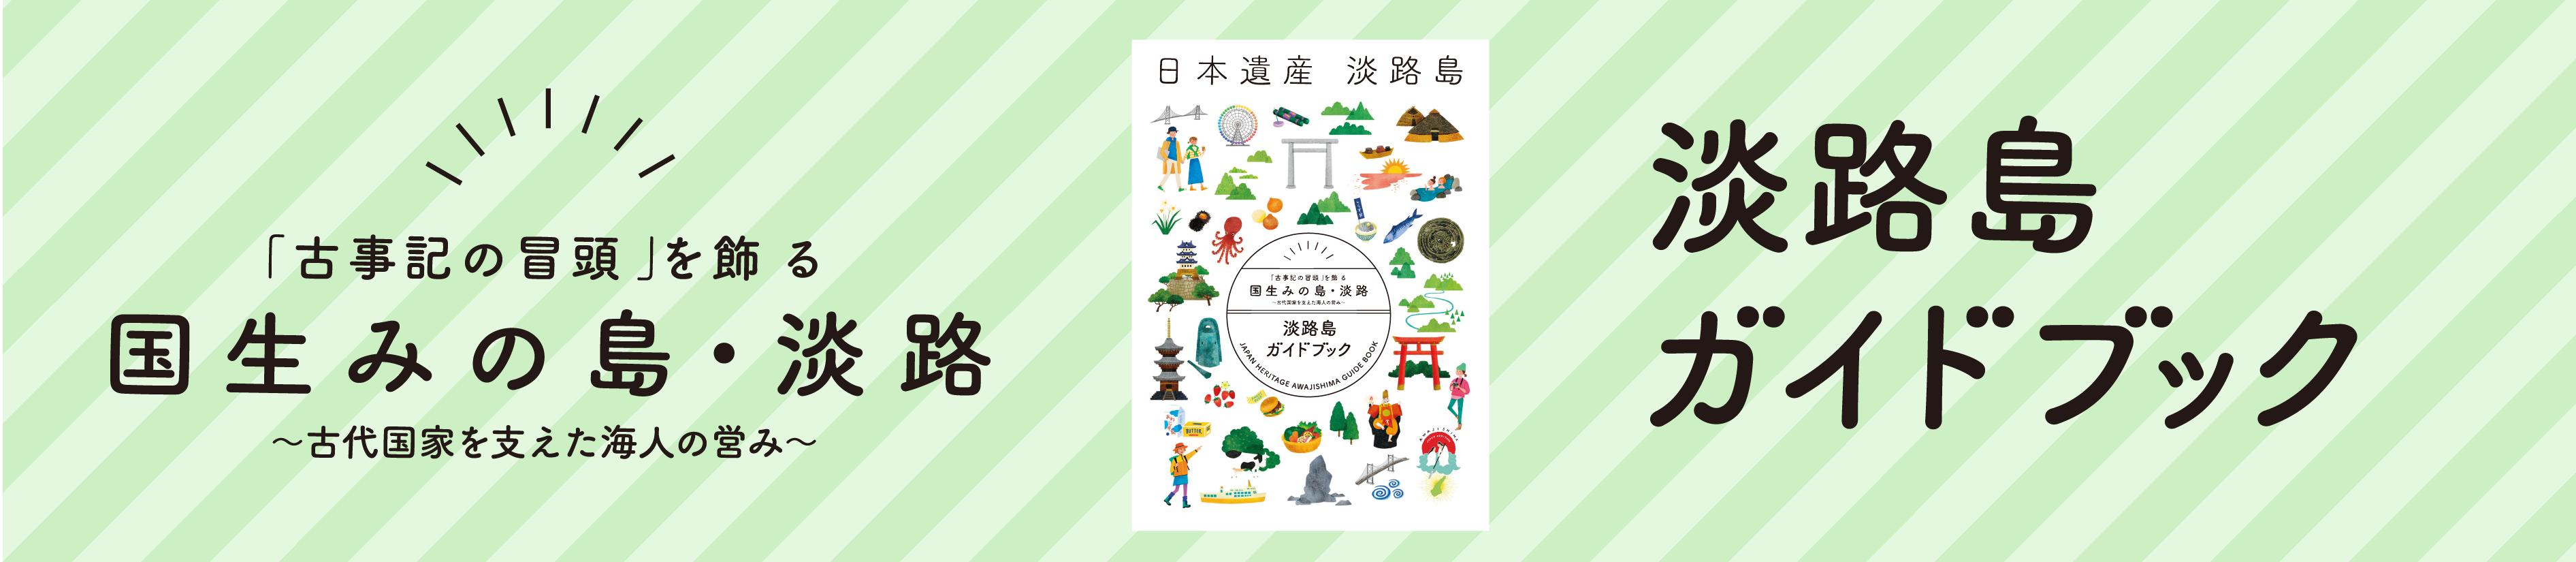 淡路島ガイドブック